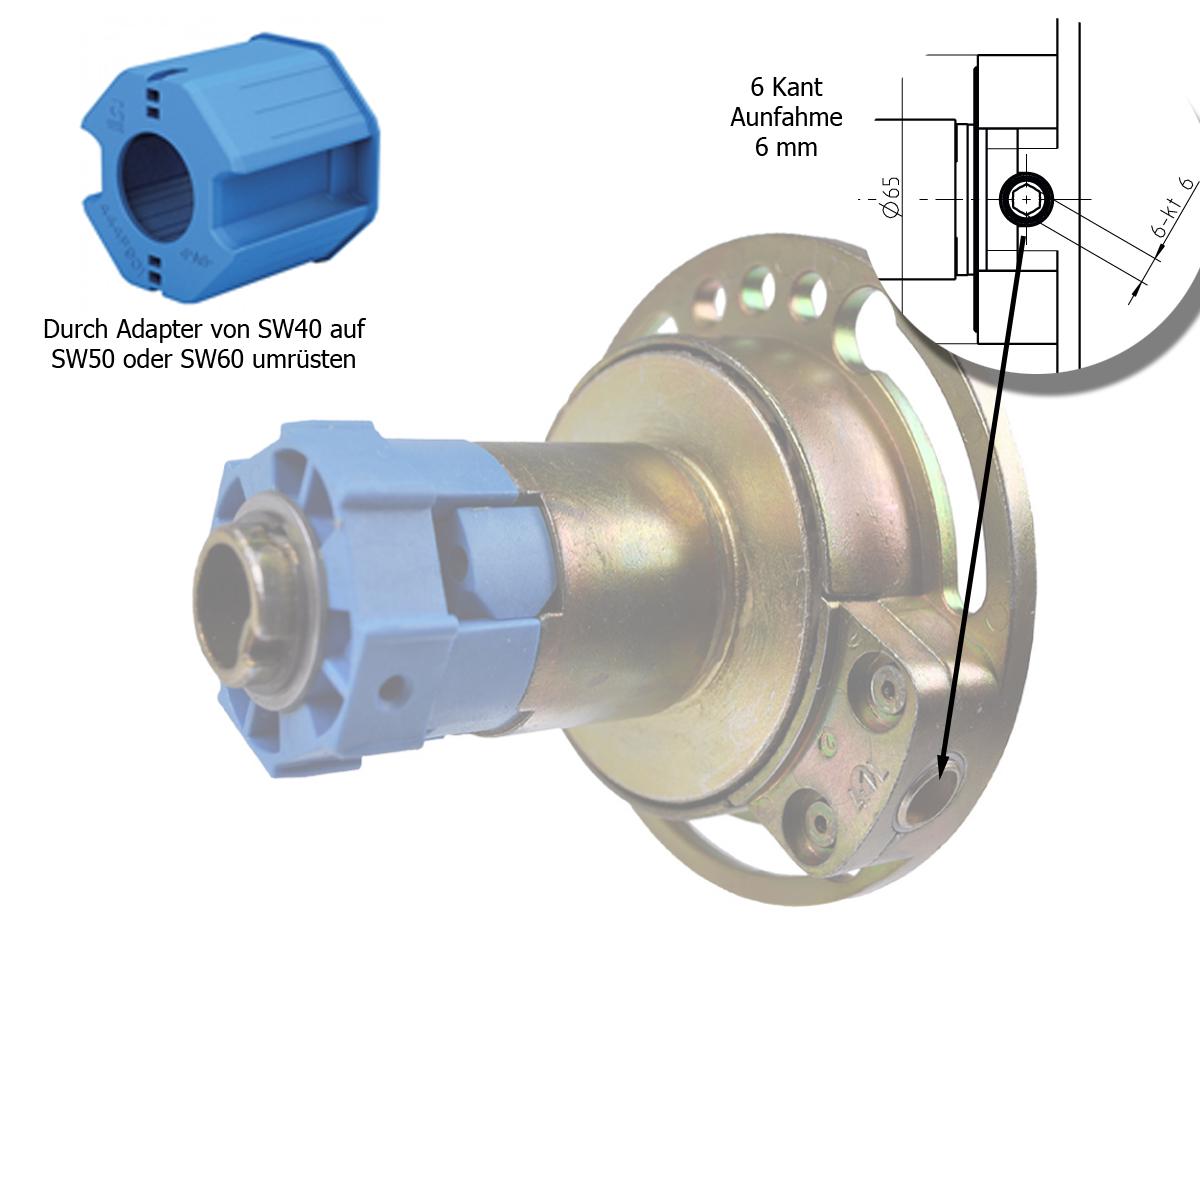 Kegelradgetriebe-6Kant-Info7AkPDTKFjuY2k